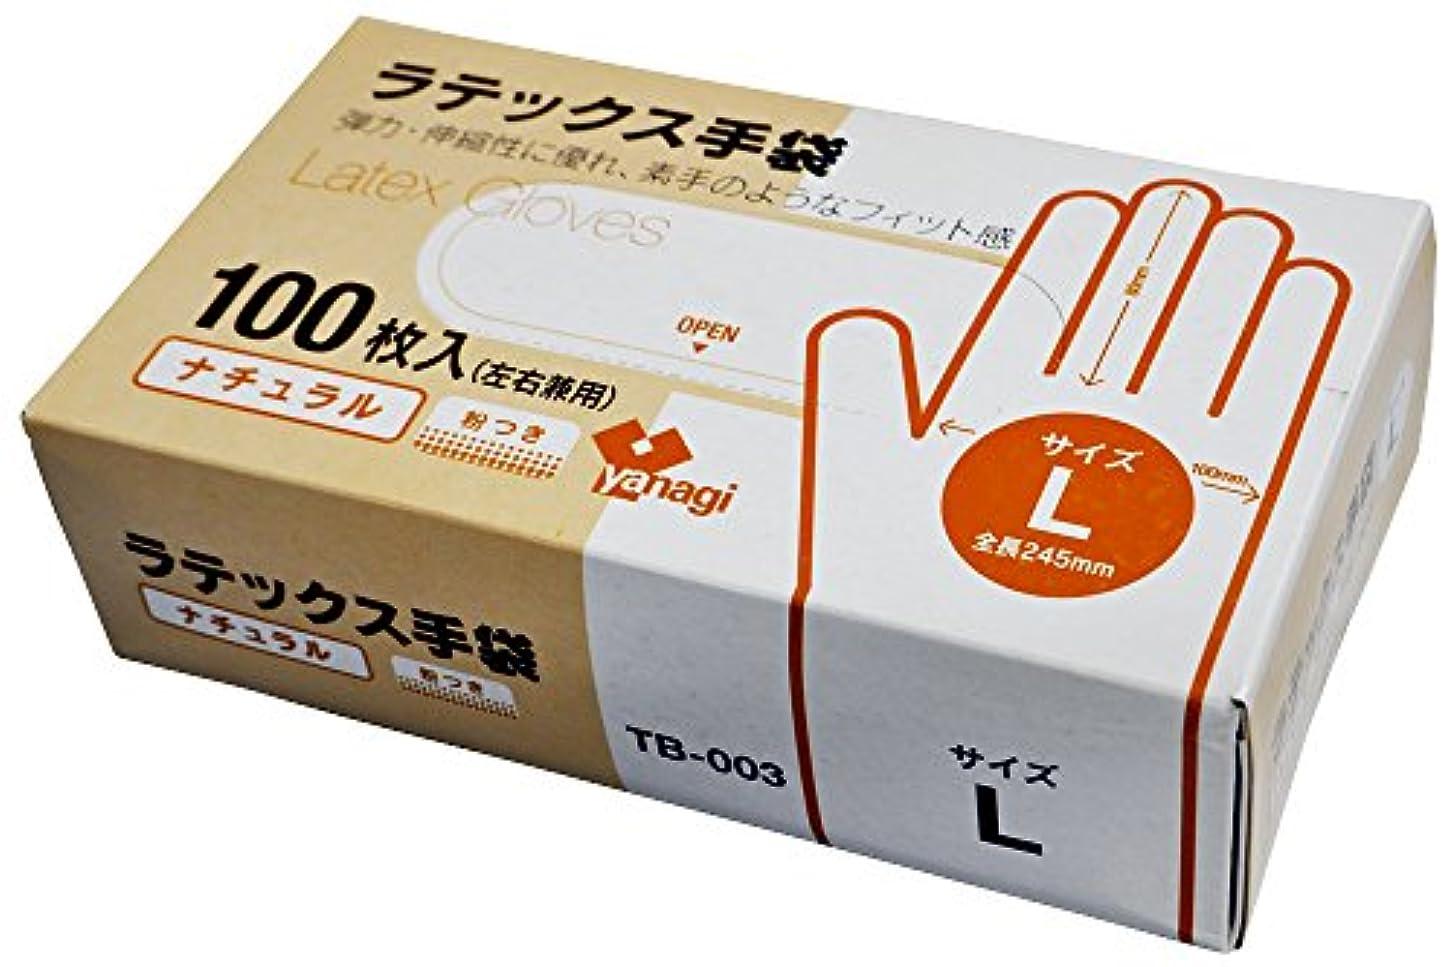 分類インレイインデックス使い捨て ラテックス手袋 ナチュラル色 左右兼用 Lサイズ 100枚入 粉つき 食品衛生法規格基準適合品 TB-003